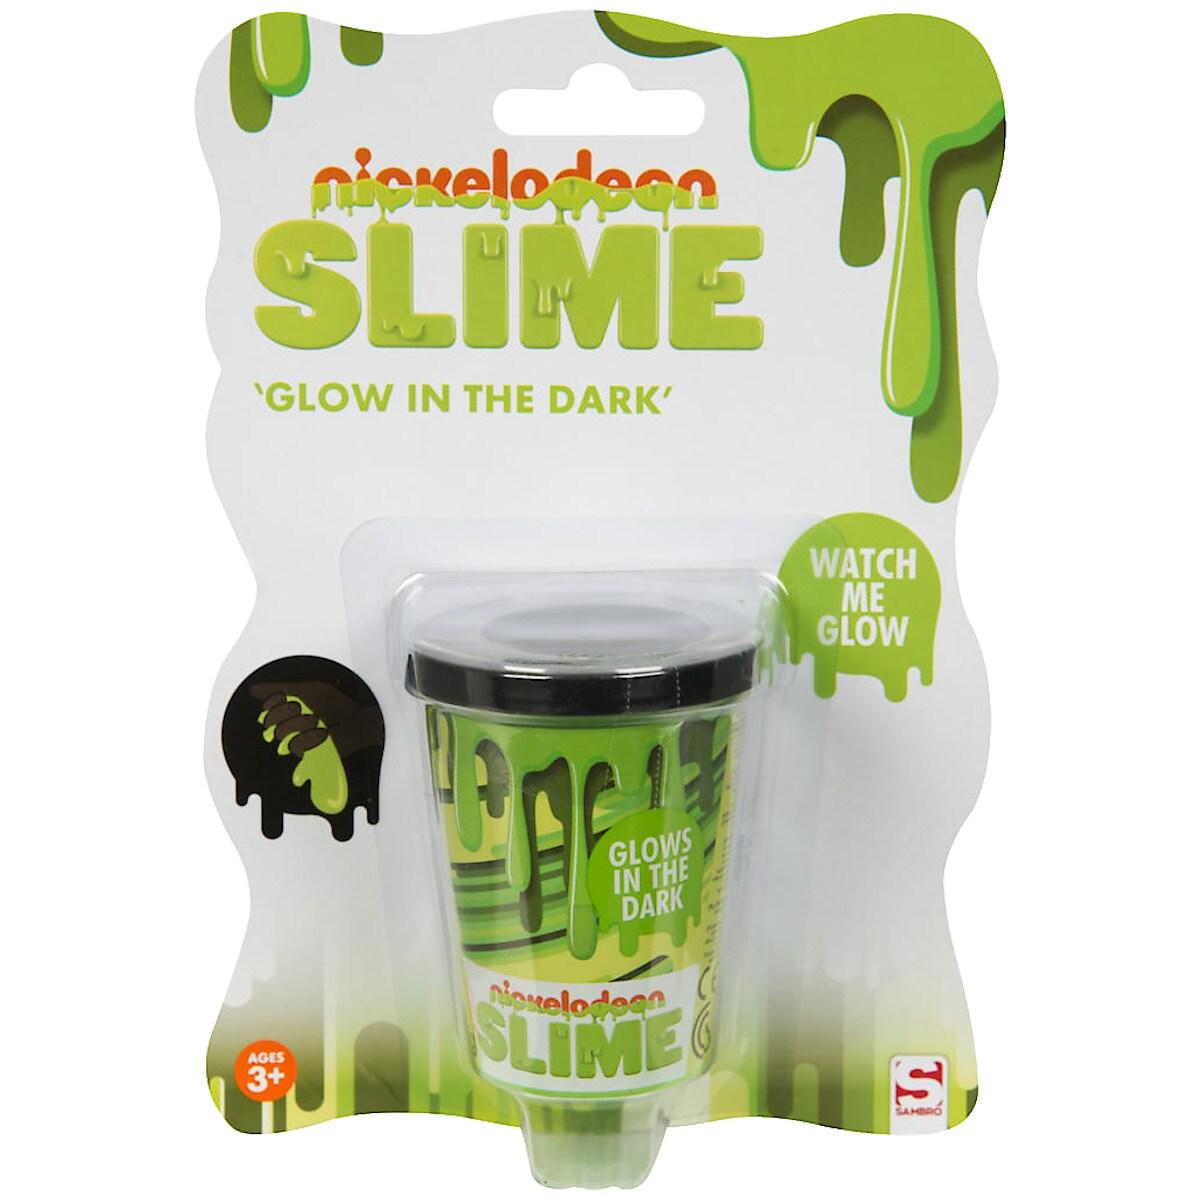 Slime glow in the dark, Nickelodeon